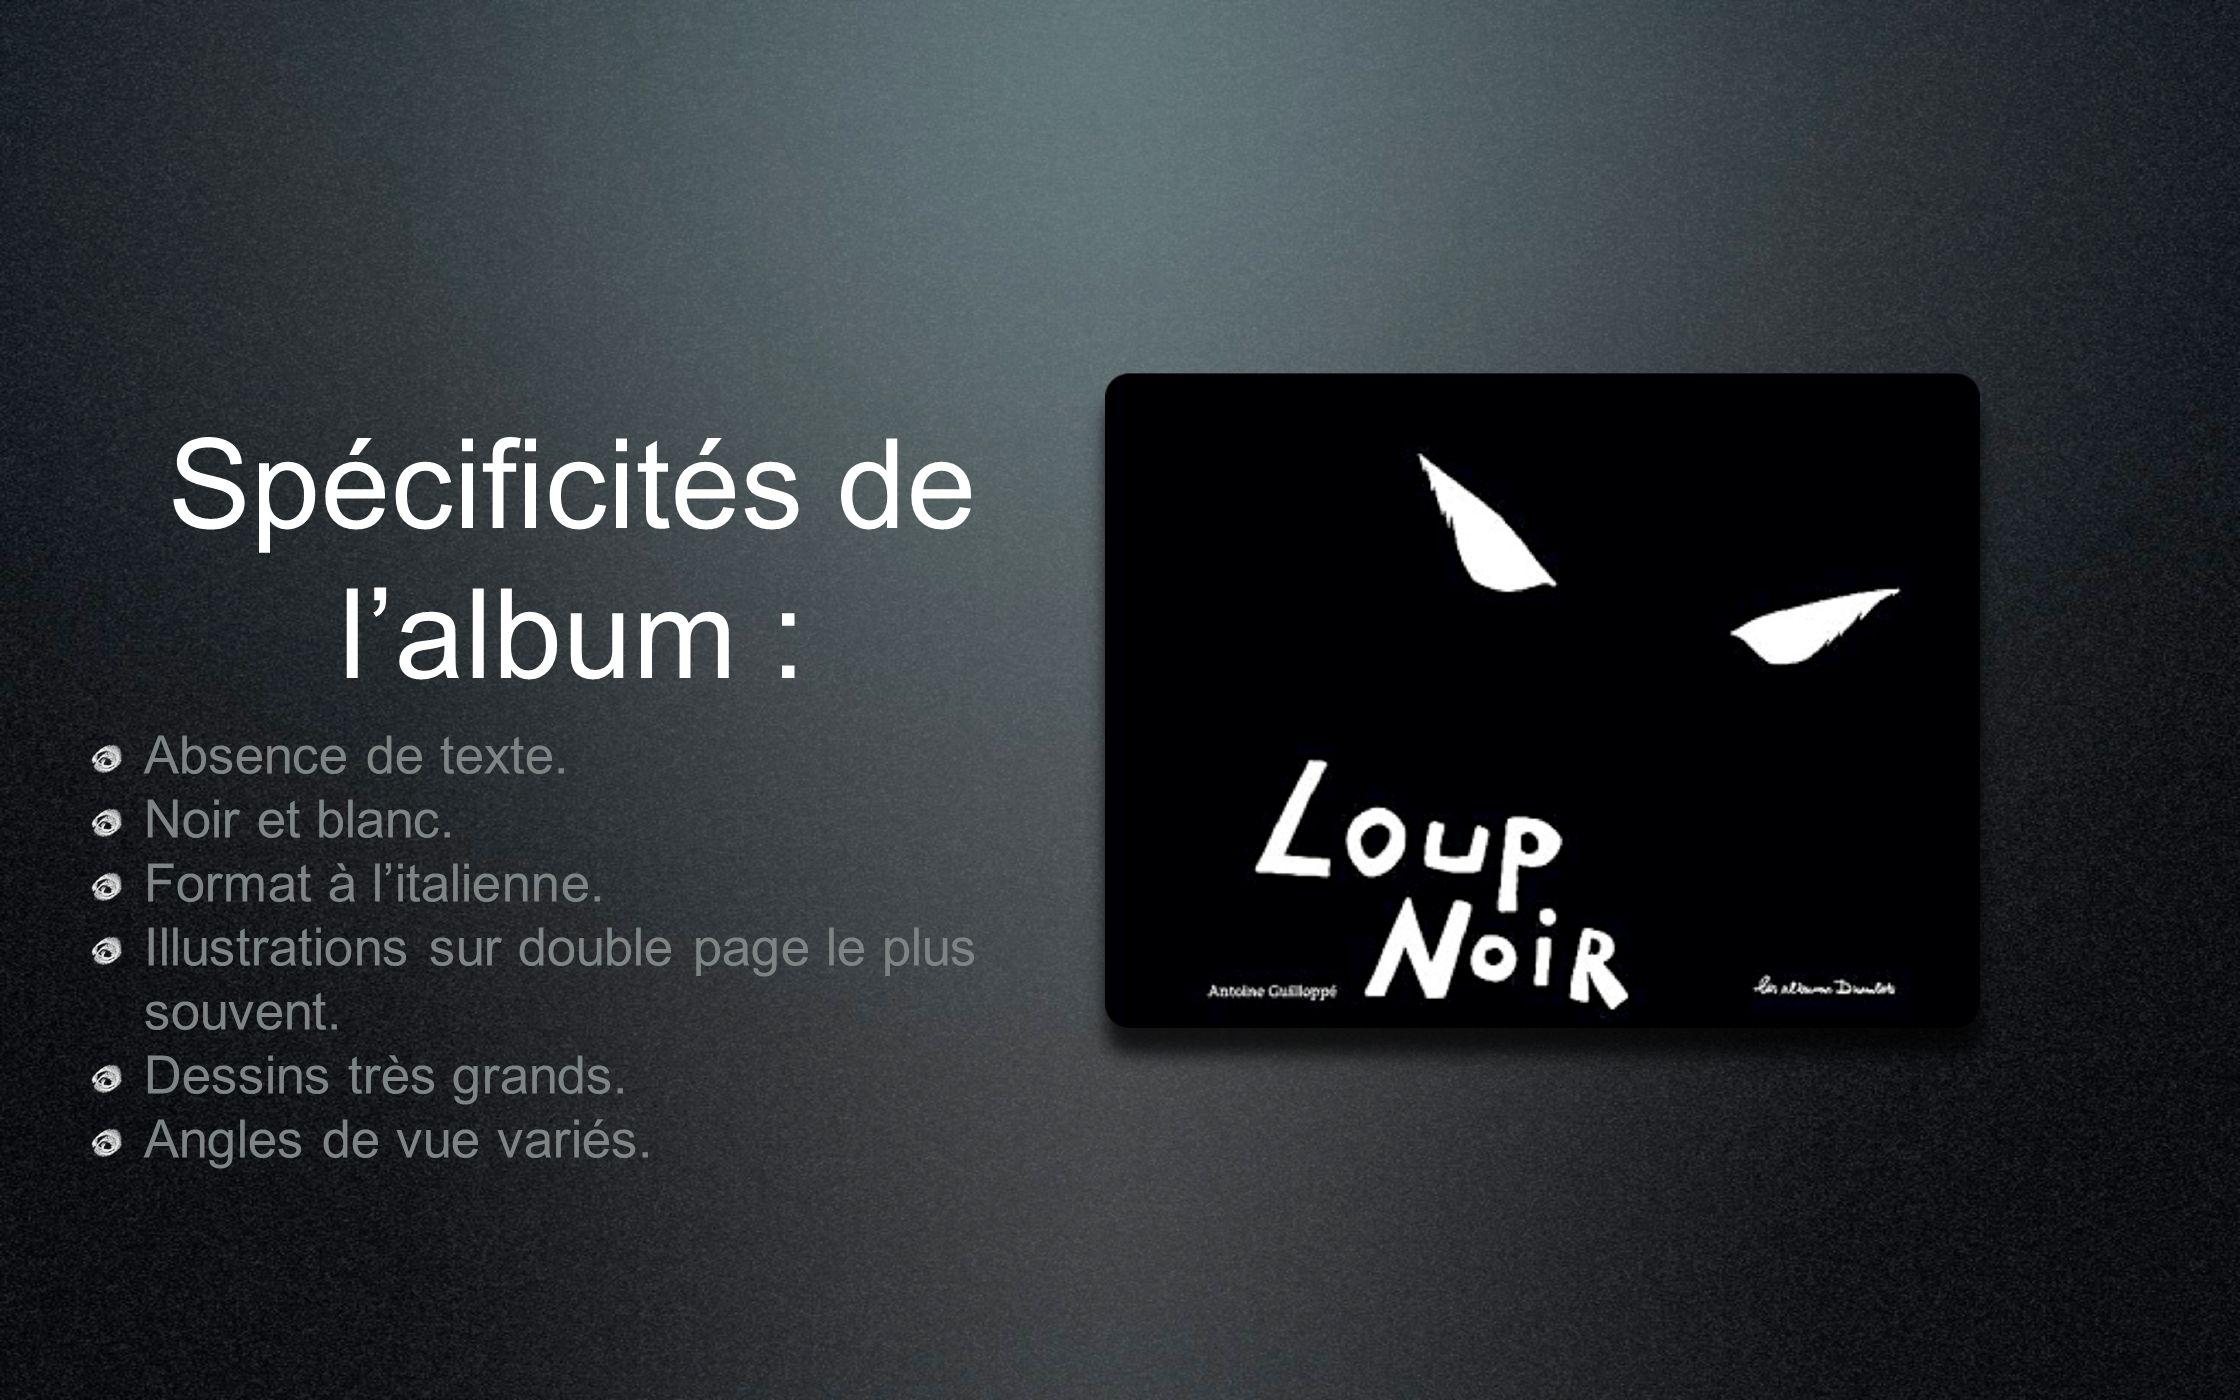 Spécificités de l'album :